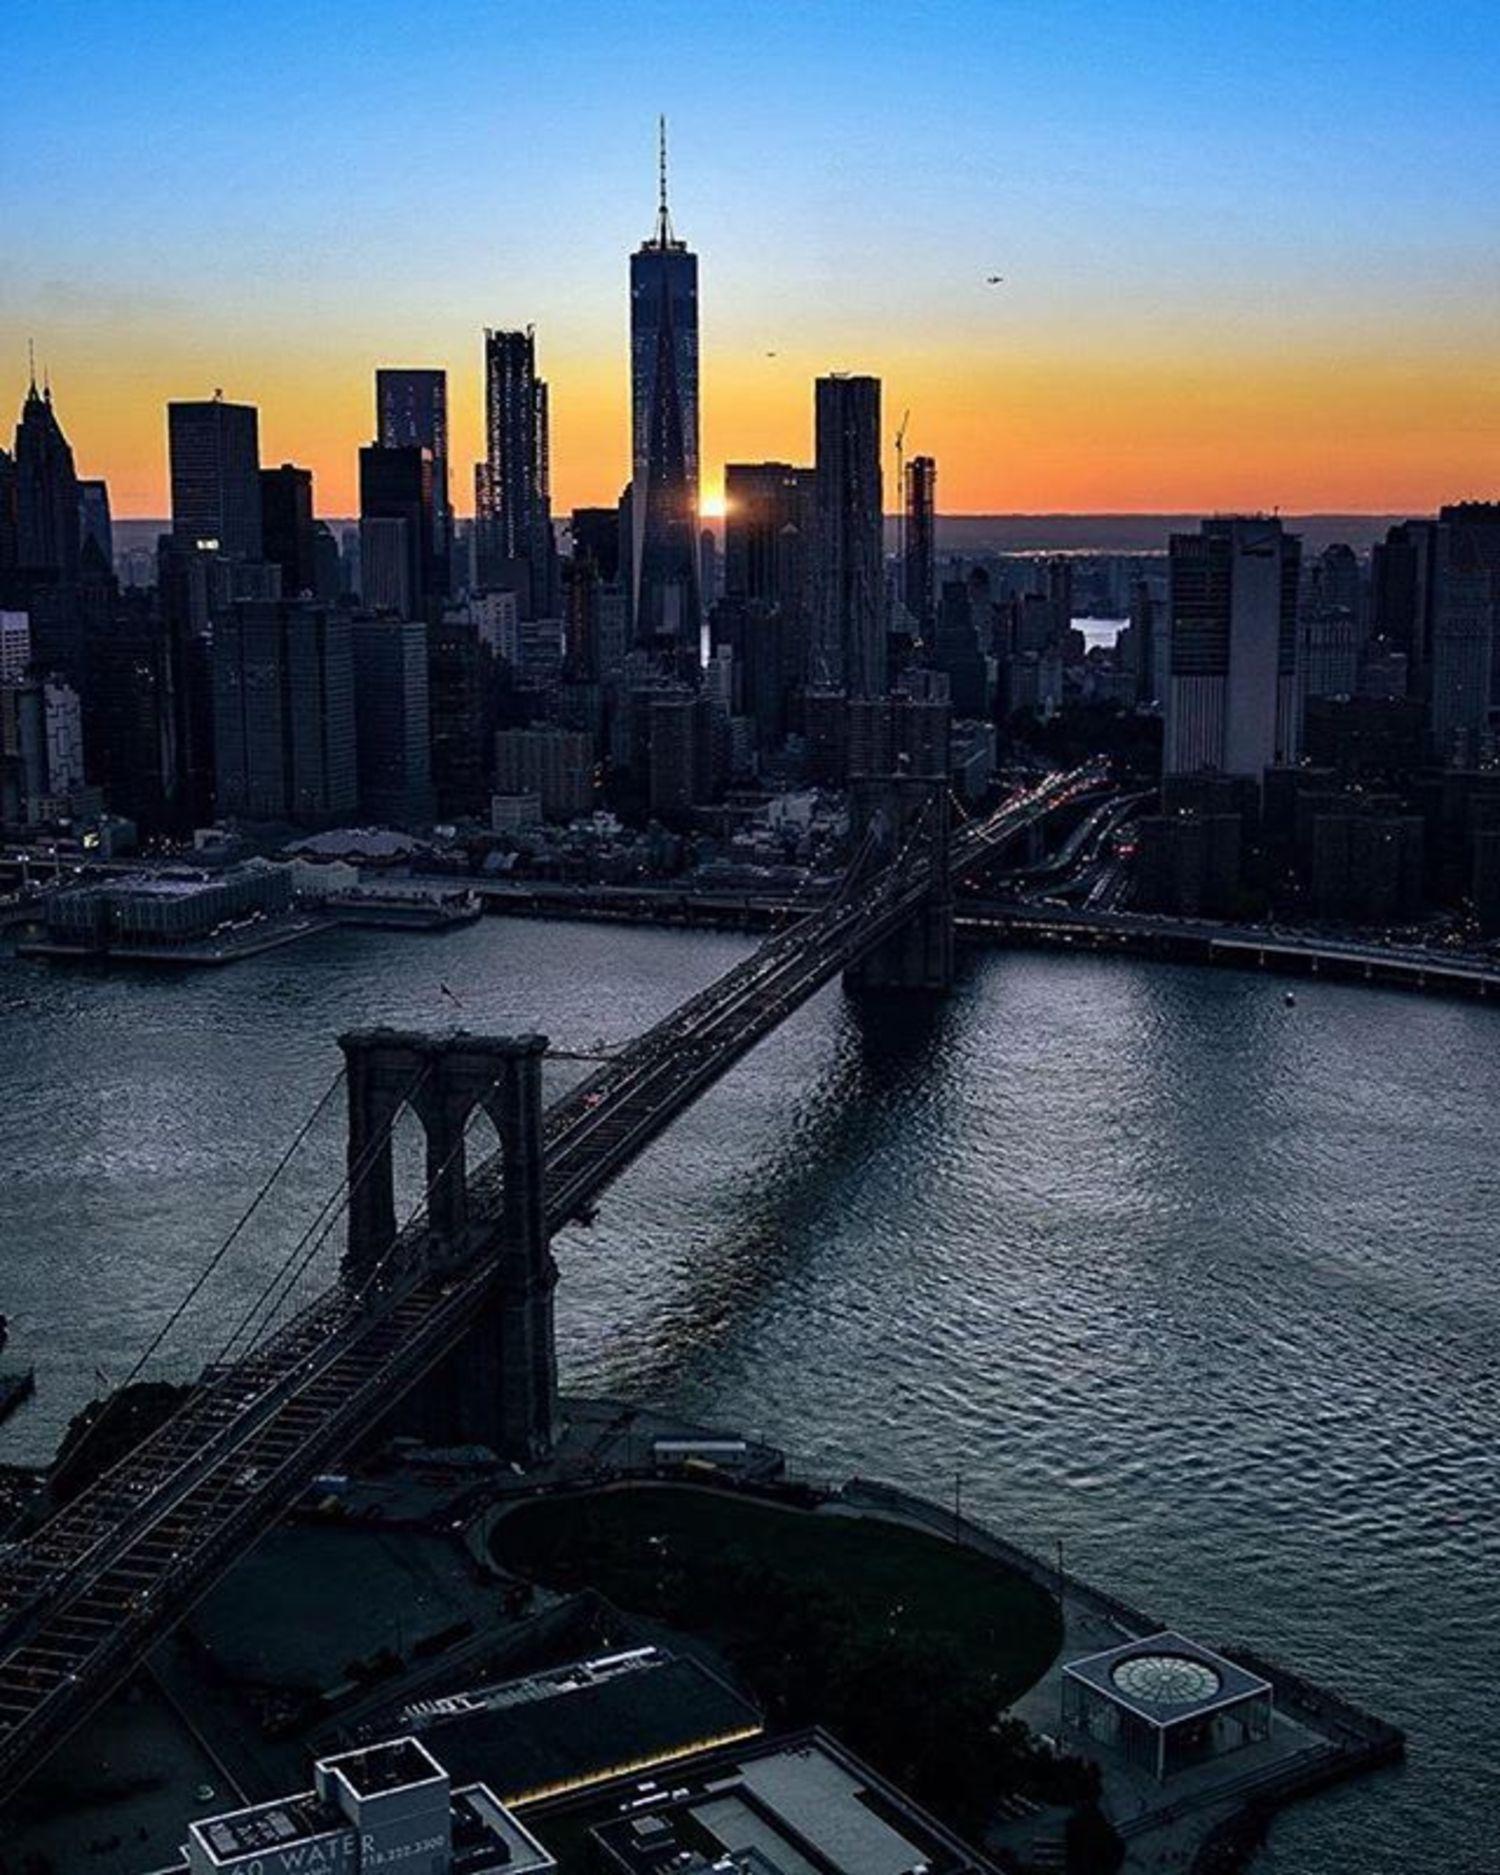 New York, New York. Photo via @nycfotophun #viewingnyc #newyorkcity #newyork